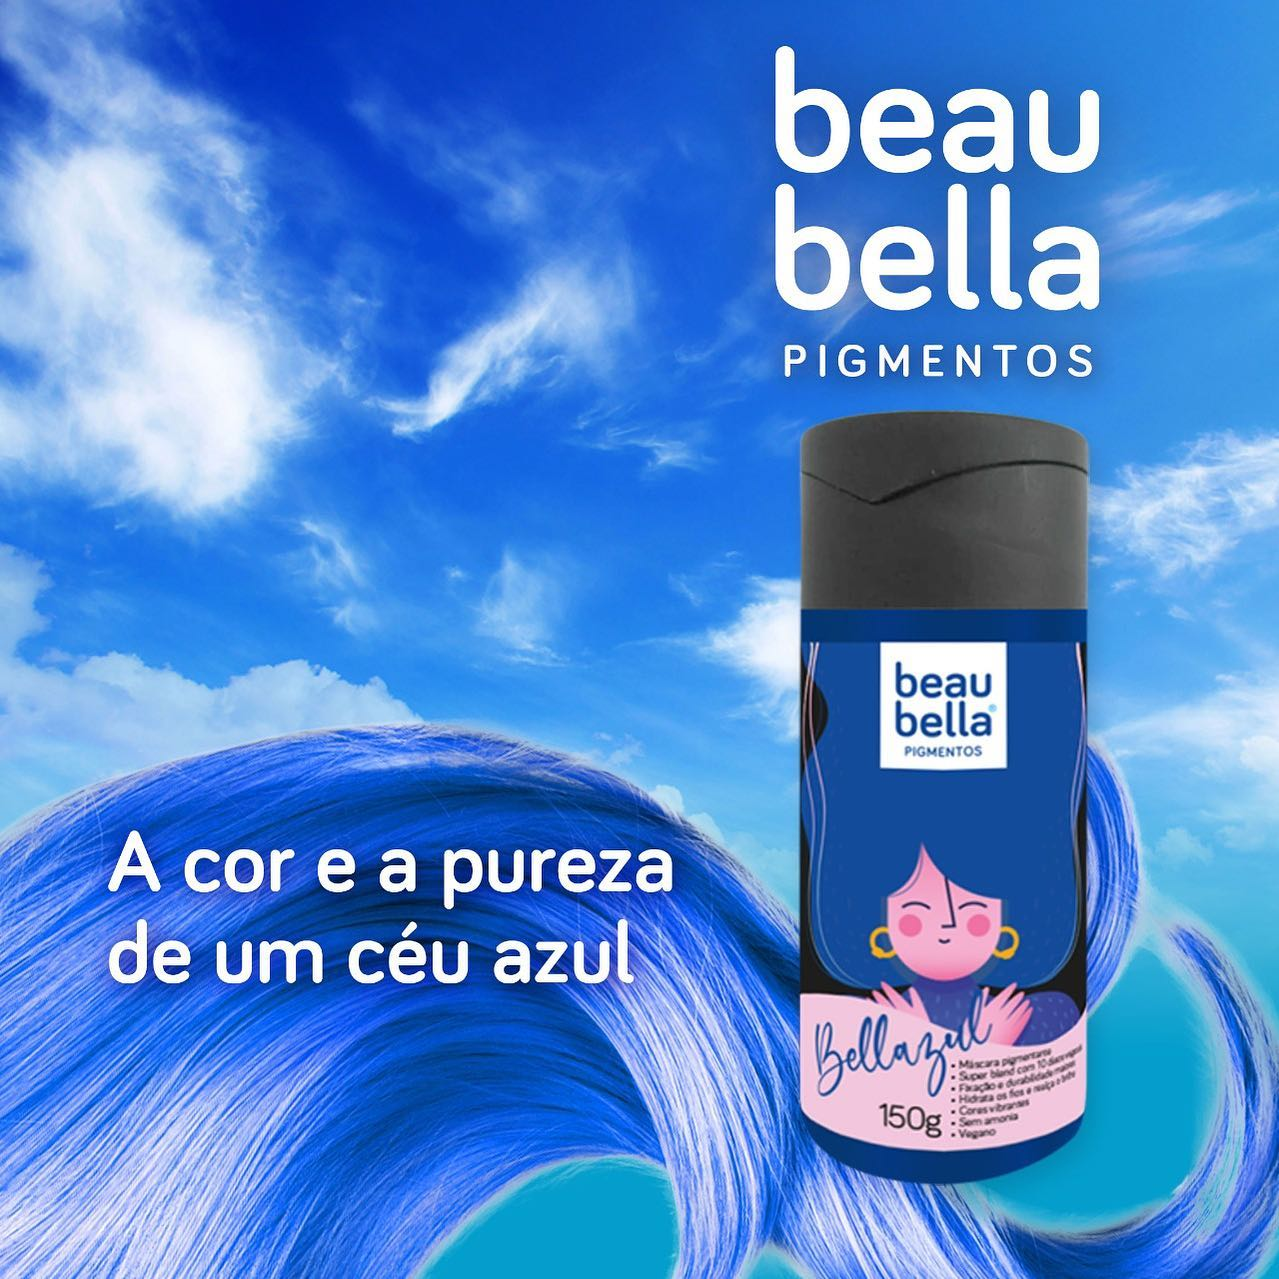 Máscara Pigmentante Beau Bella Bellazul - 150g